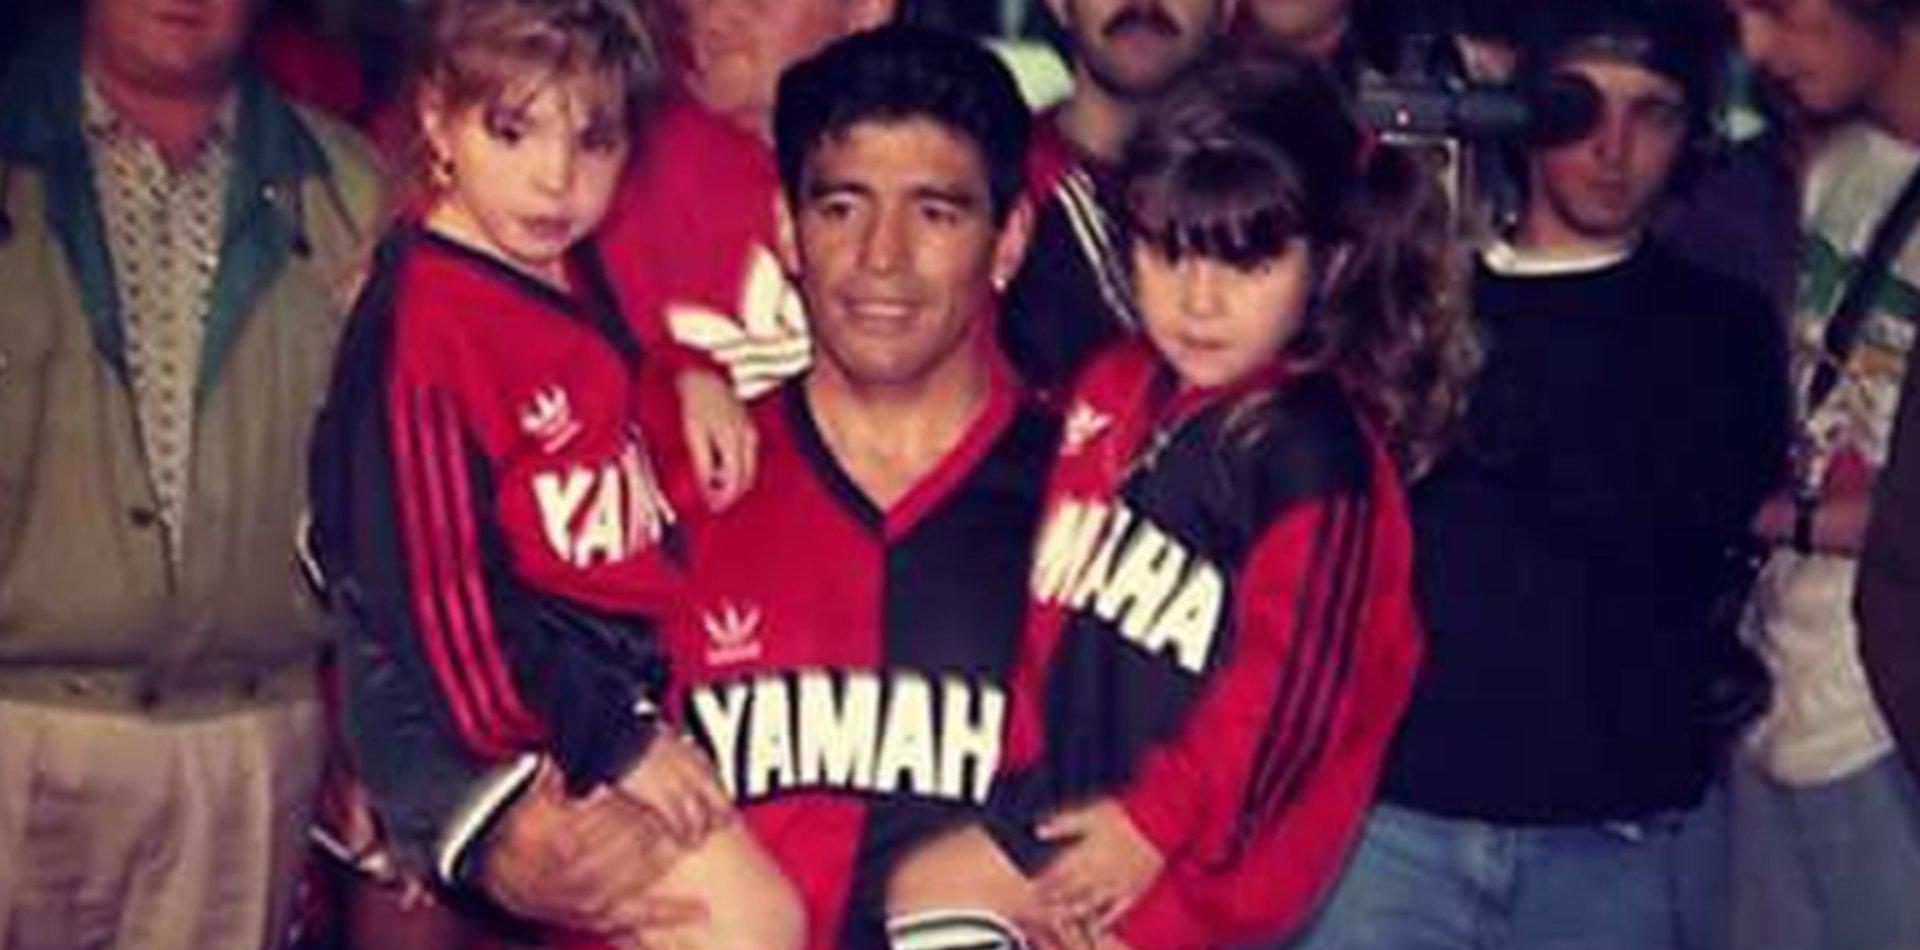 En Rosario aumentan más de un 300% las entradas para ver a Maradona y Gimnasia